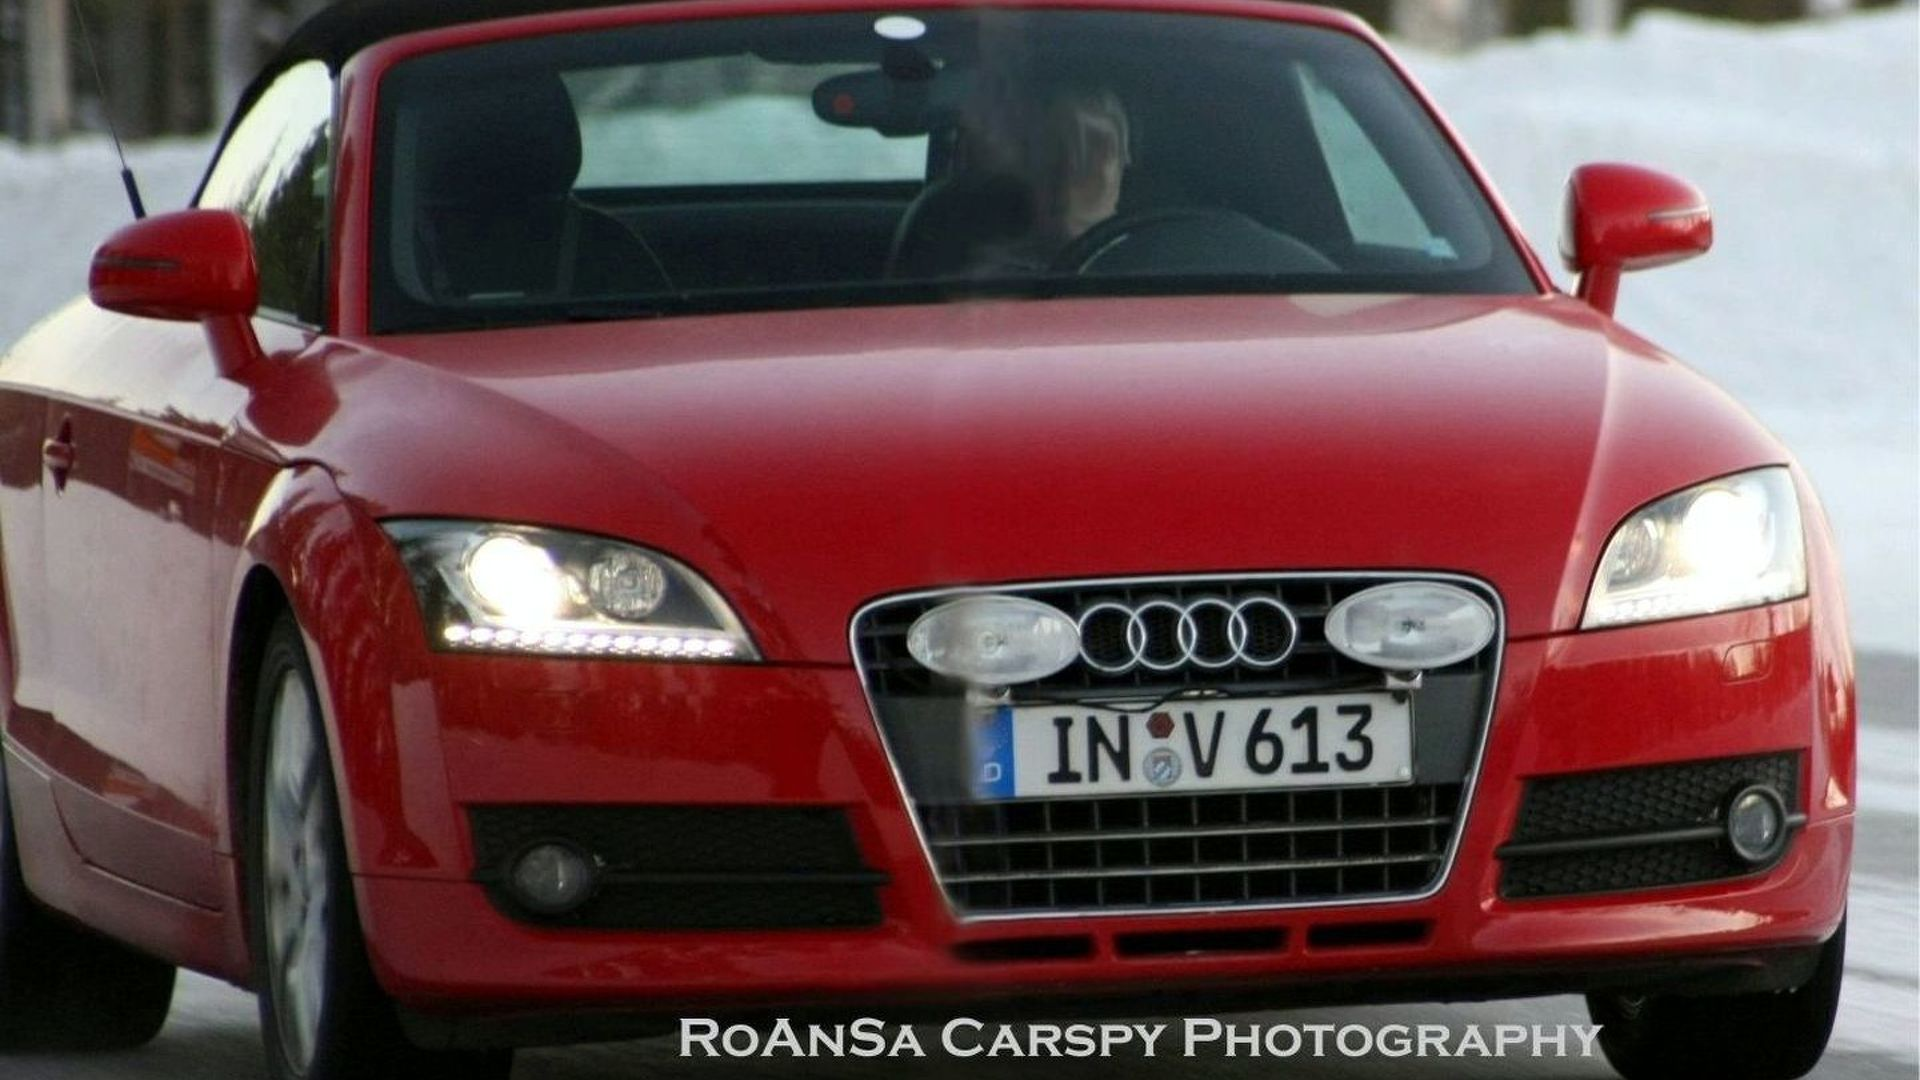 Audi TT New LED Daytime Running Lights Uncovered